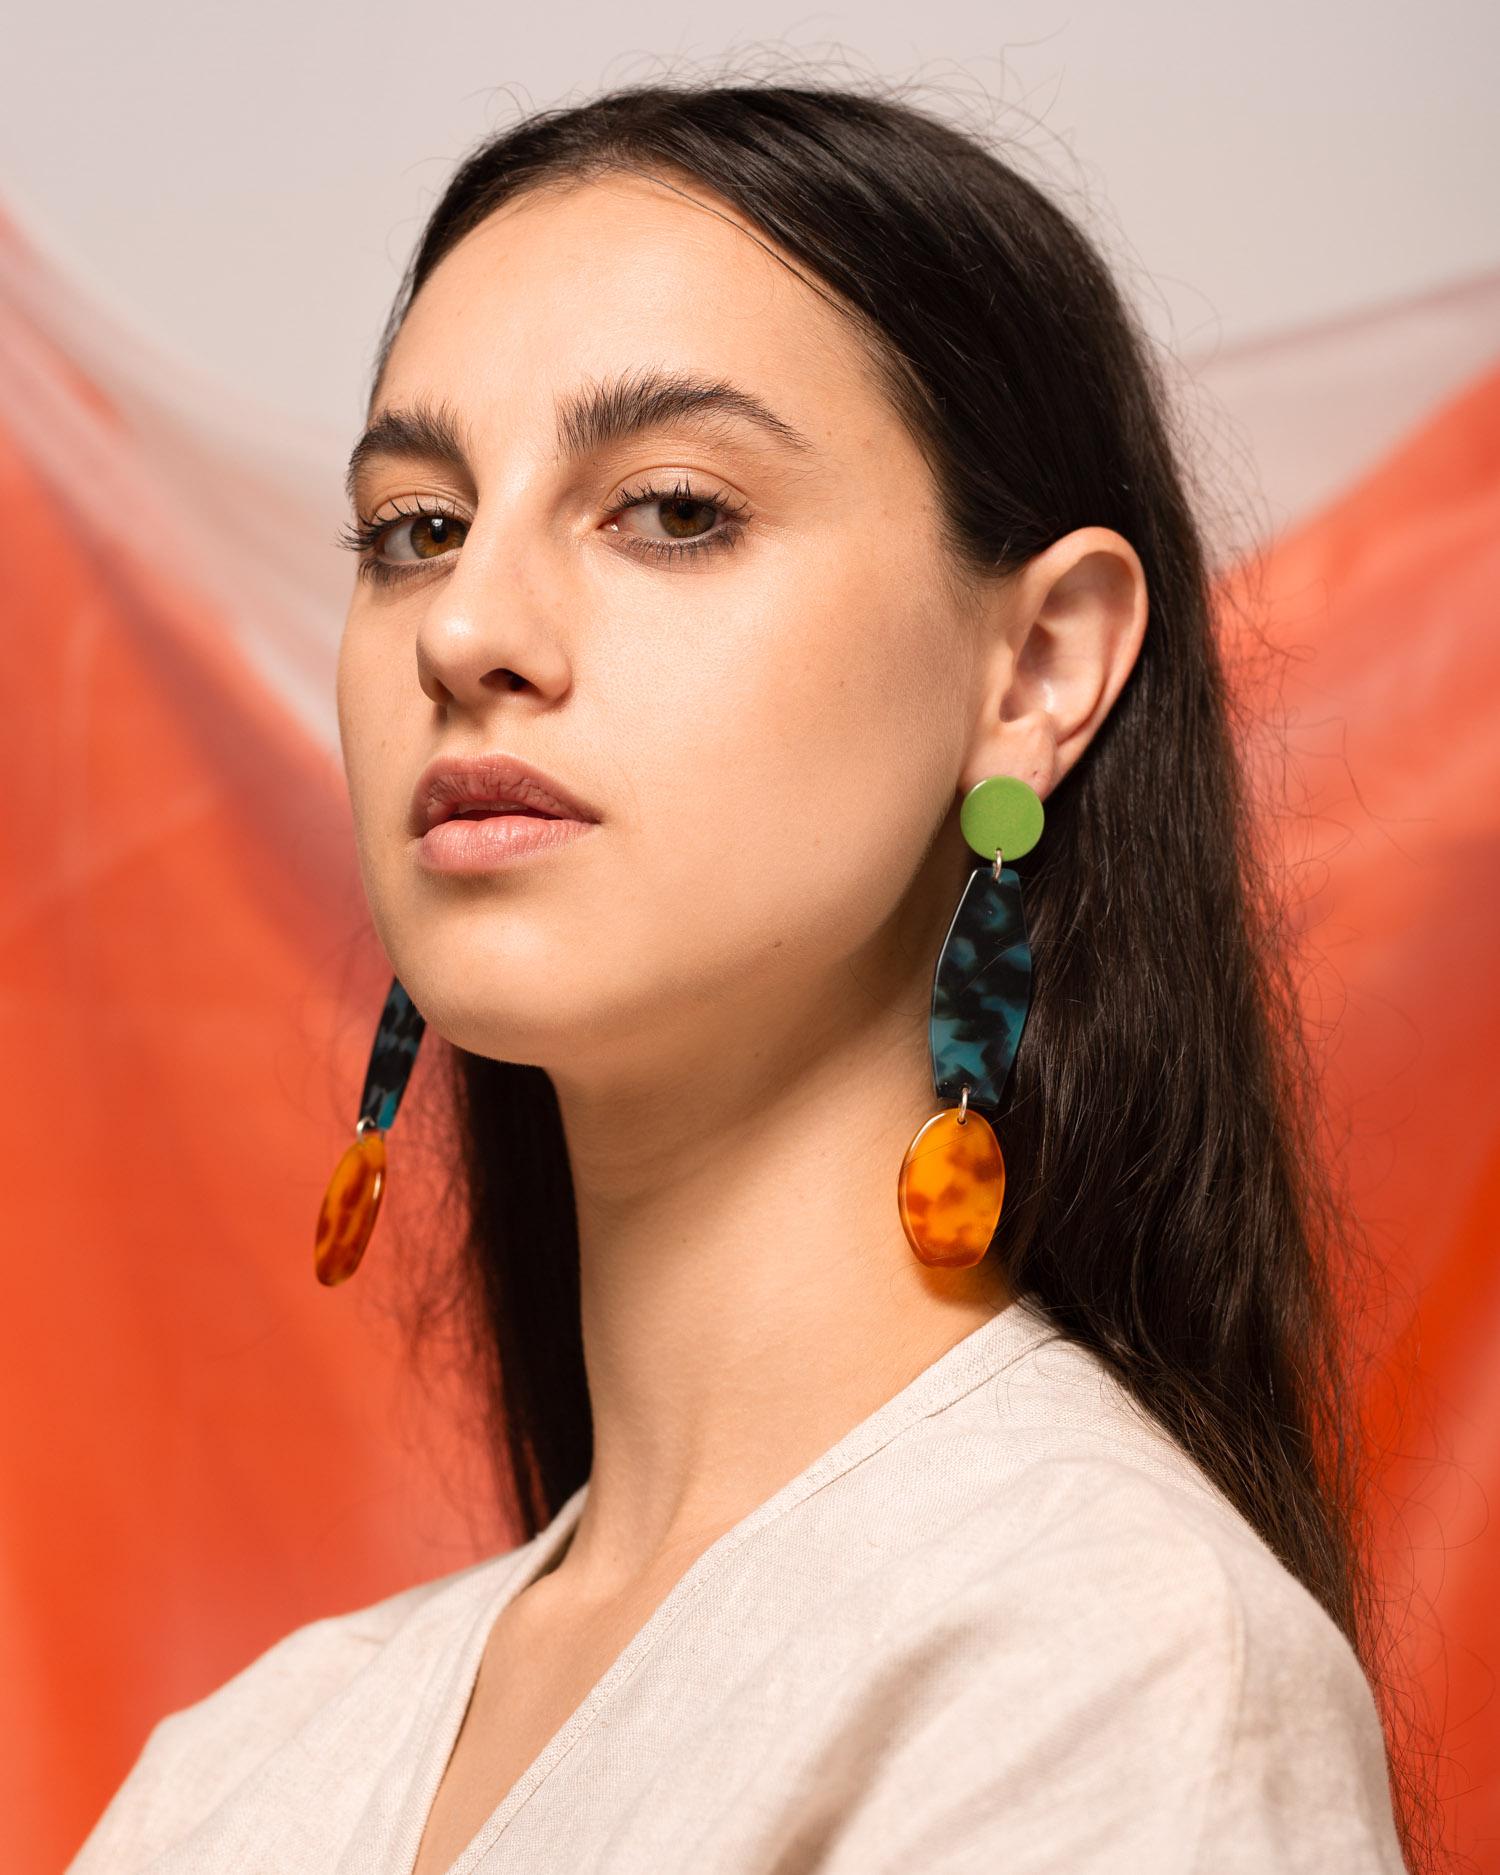 Jessie wears the  Alta Earrings in Kiwi